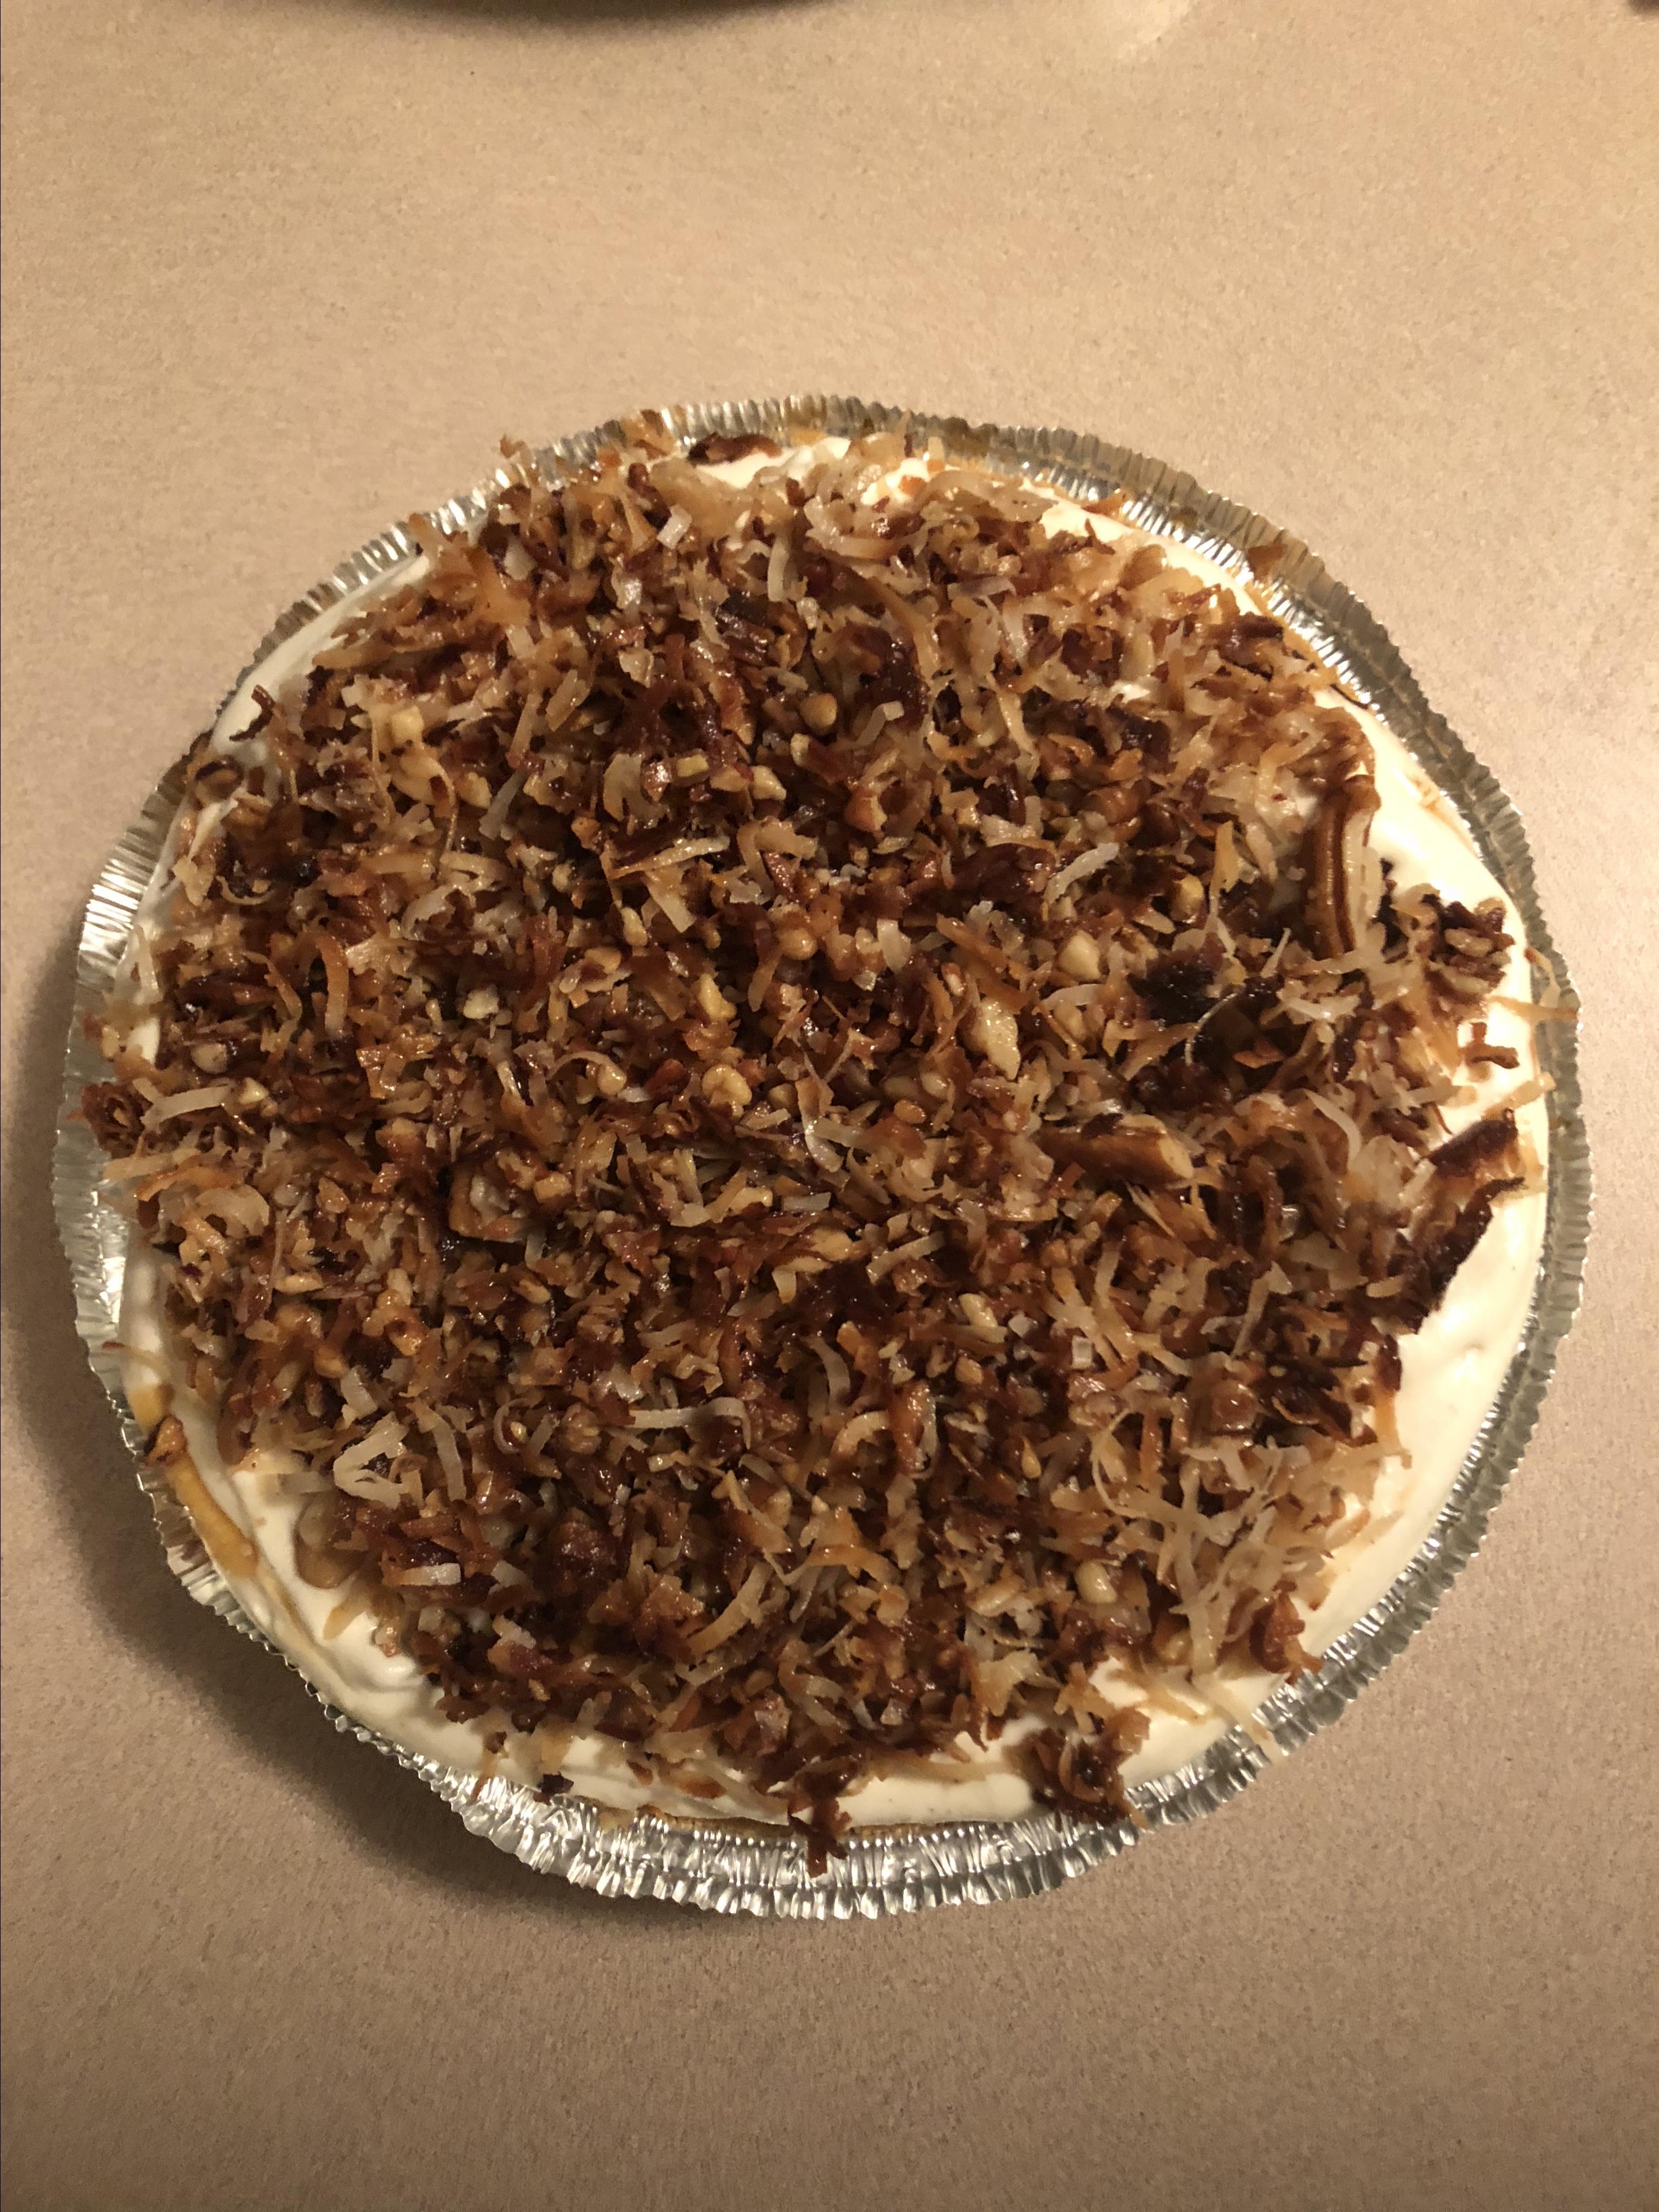 Freezer Caramel Drizzle Pie FoodieSupreme